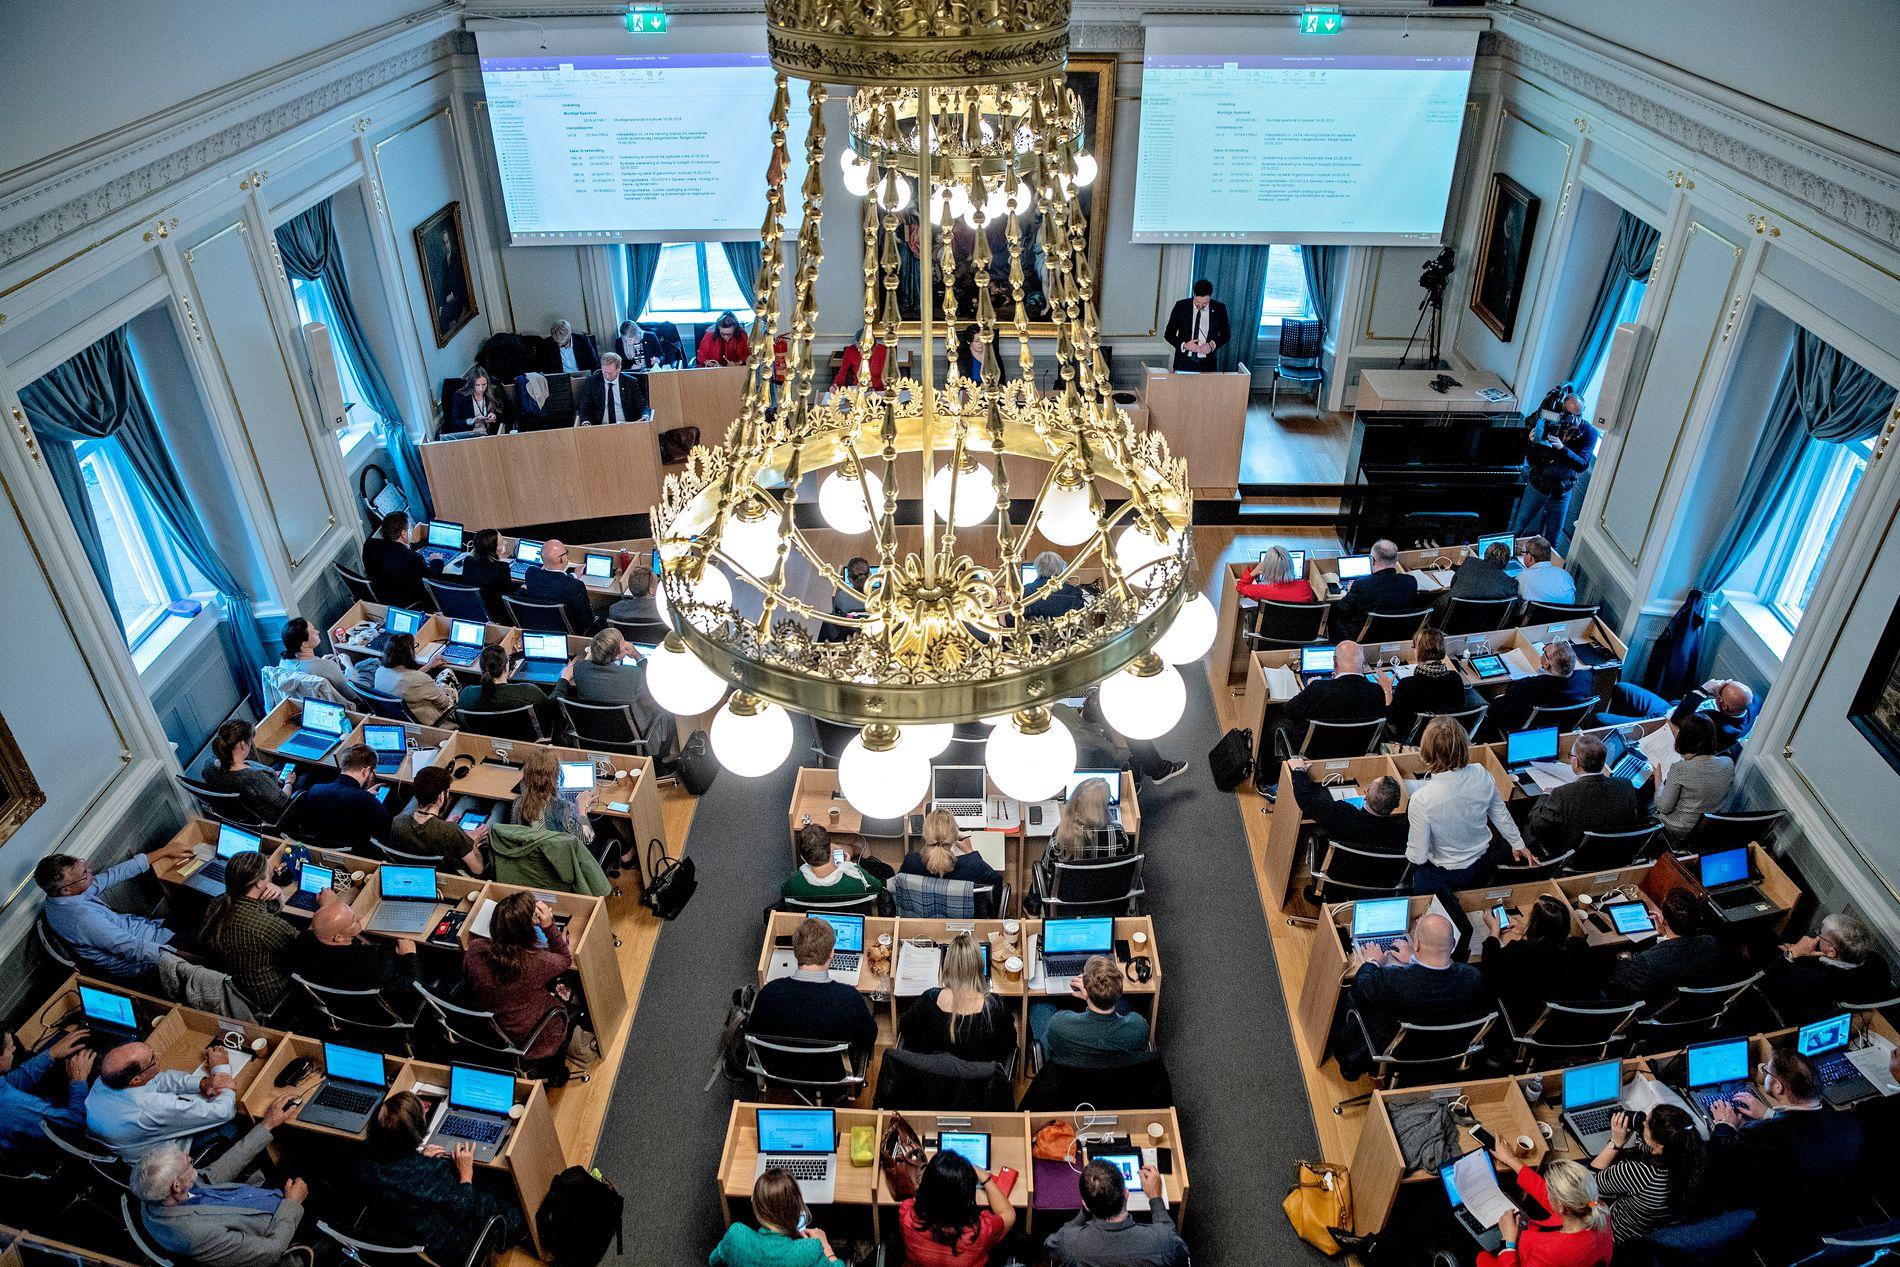 VANLIGE FOLK: – Trym Aafløy forsøker å illustrere en avstand mellom Bystyrets politikere og innbyggerne i Bergen. Men avstanden er en illusjon, mener Bergens Tidende.